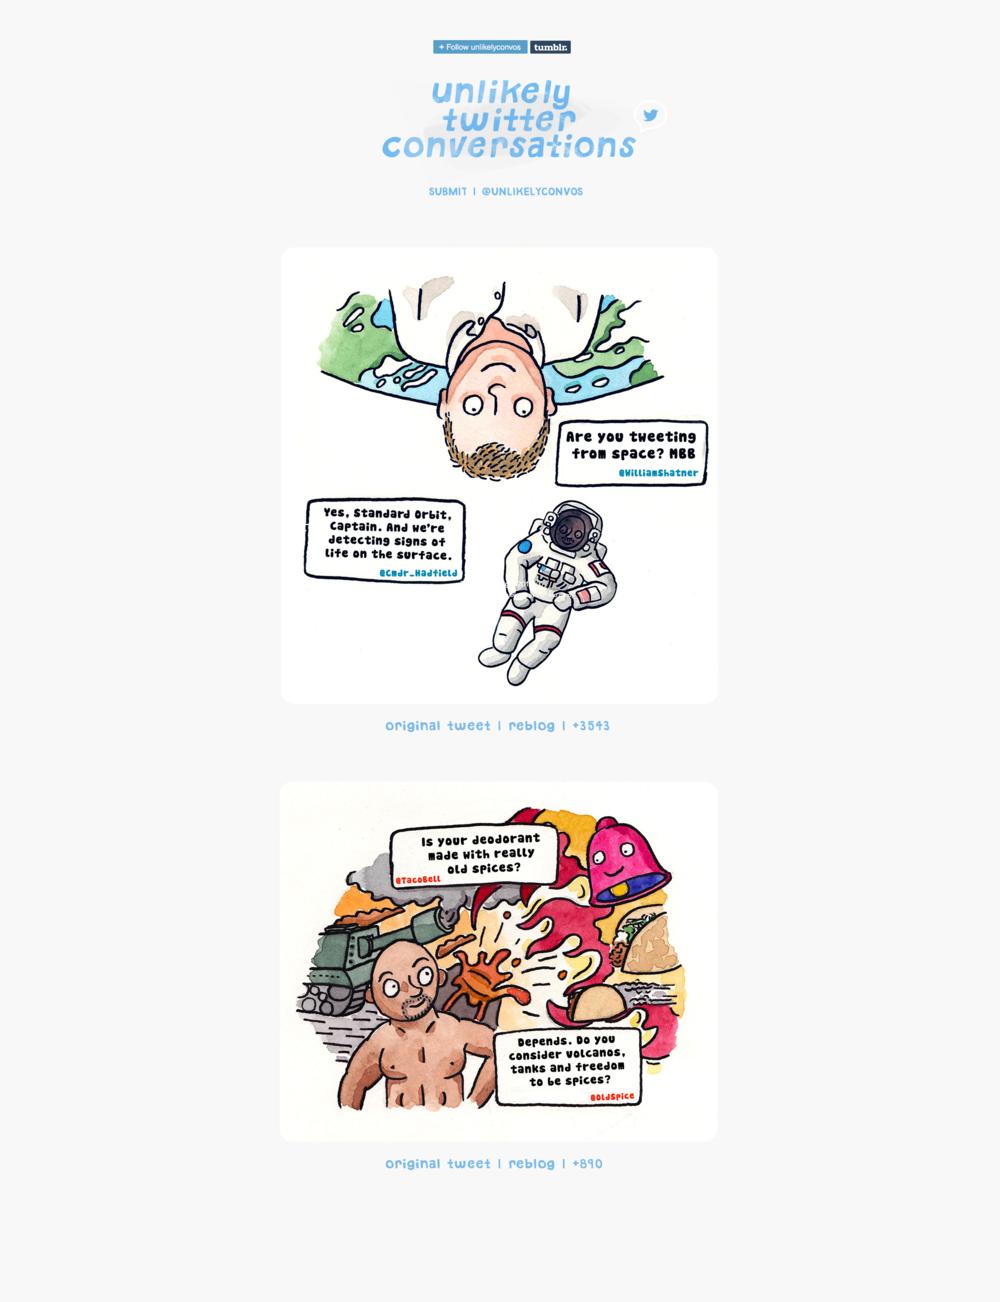 Tumblr mockup.